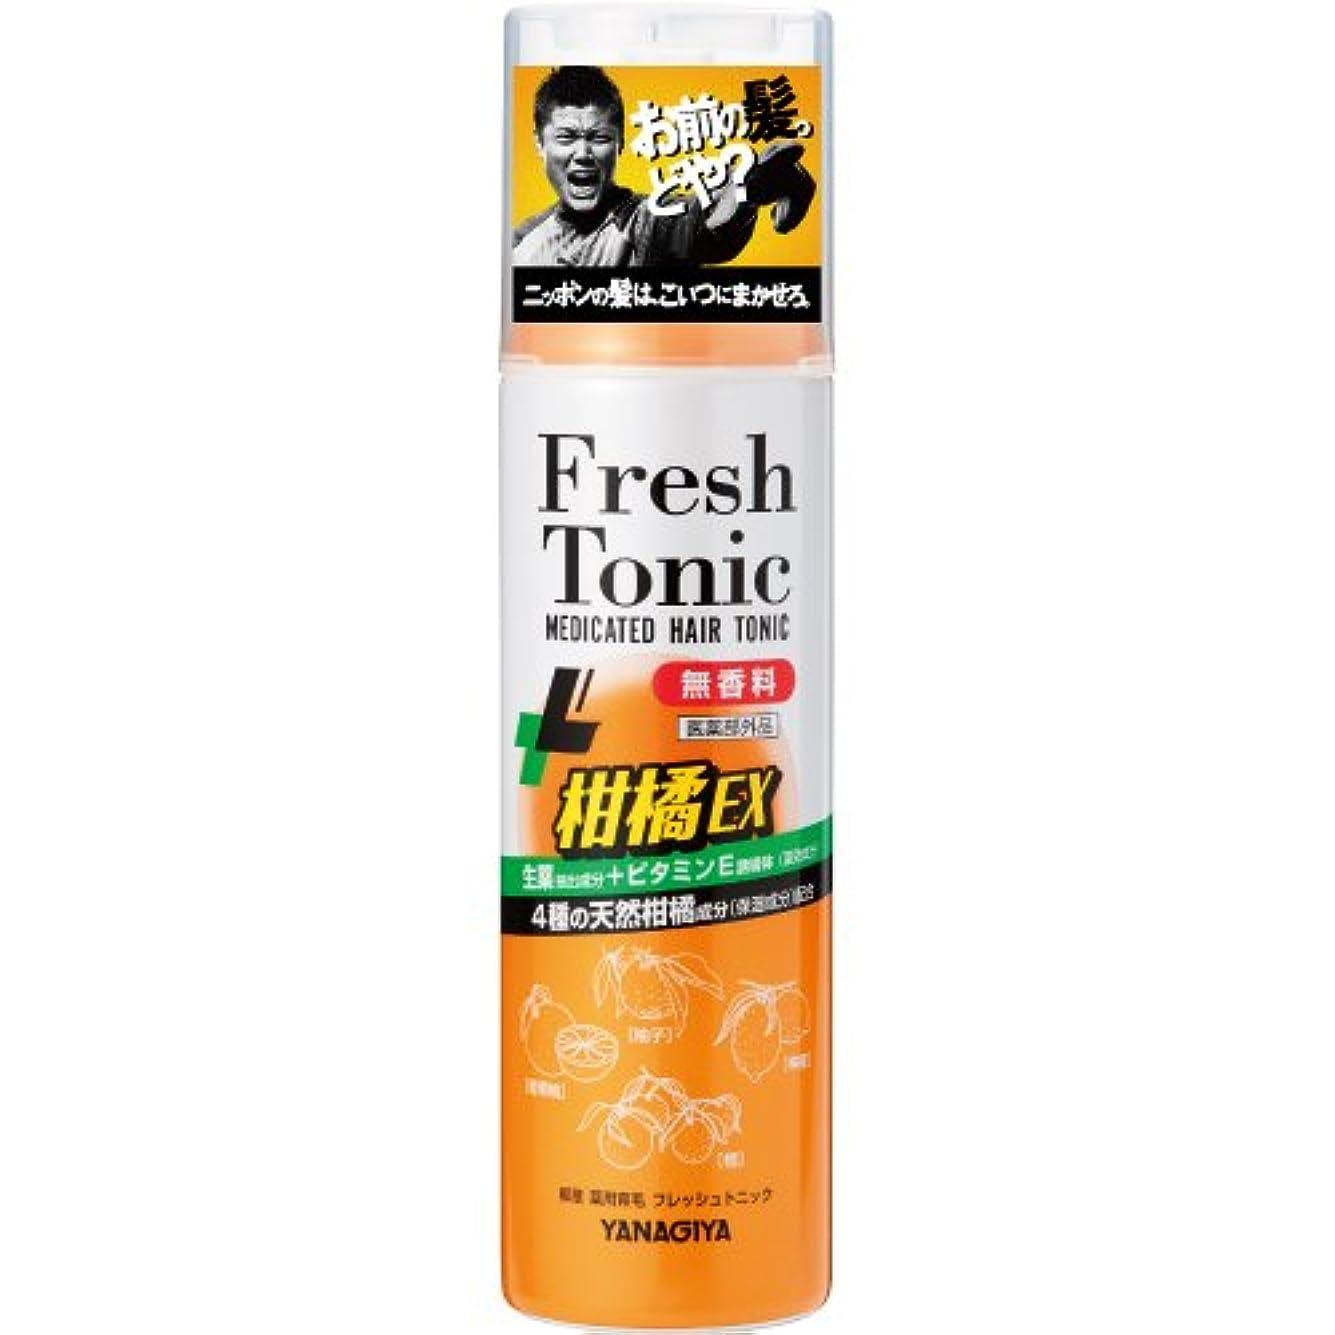 植生くそーソビエト柳屋 薬用育毛 フレッシュトニック 柑橘EX <無香料> 190g